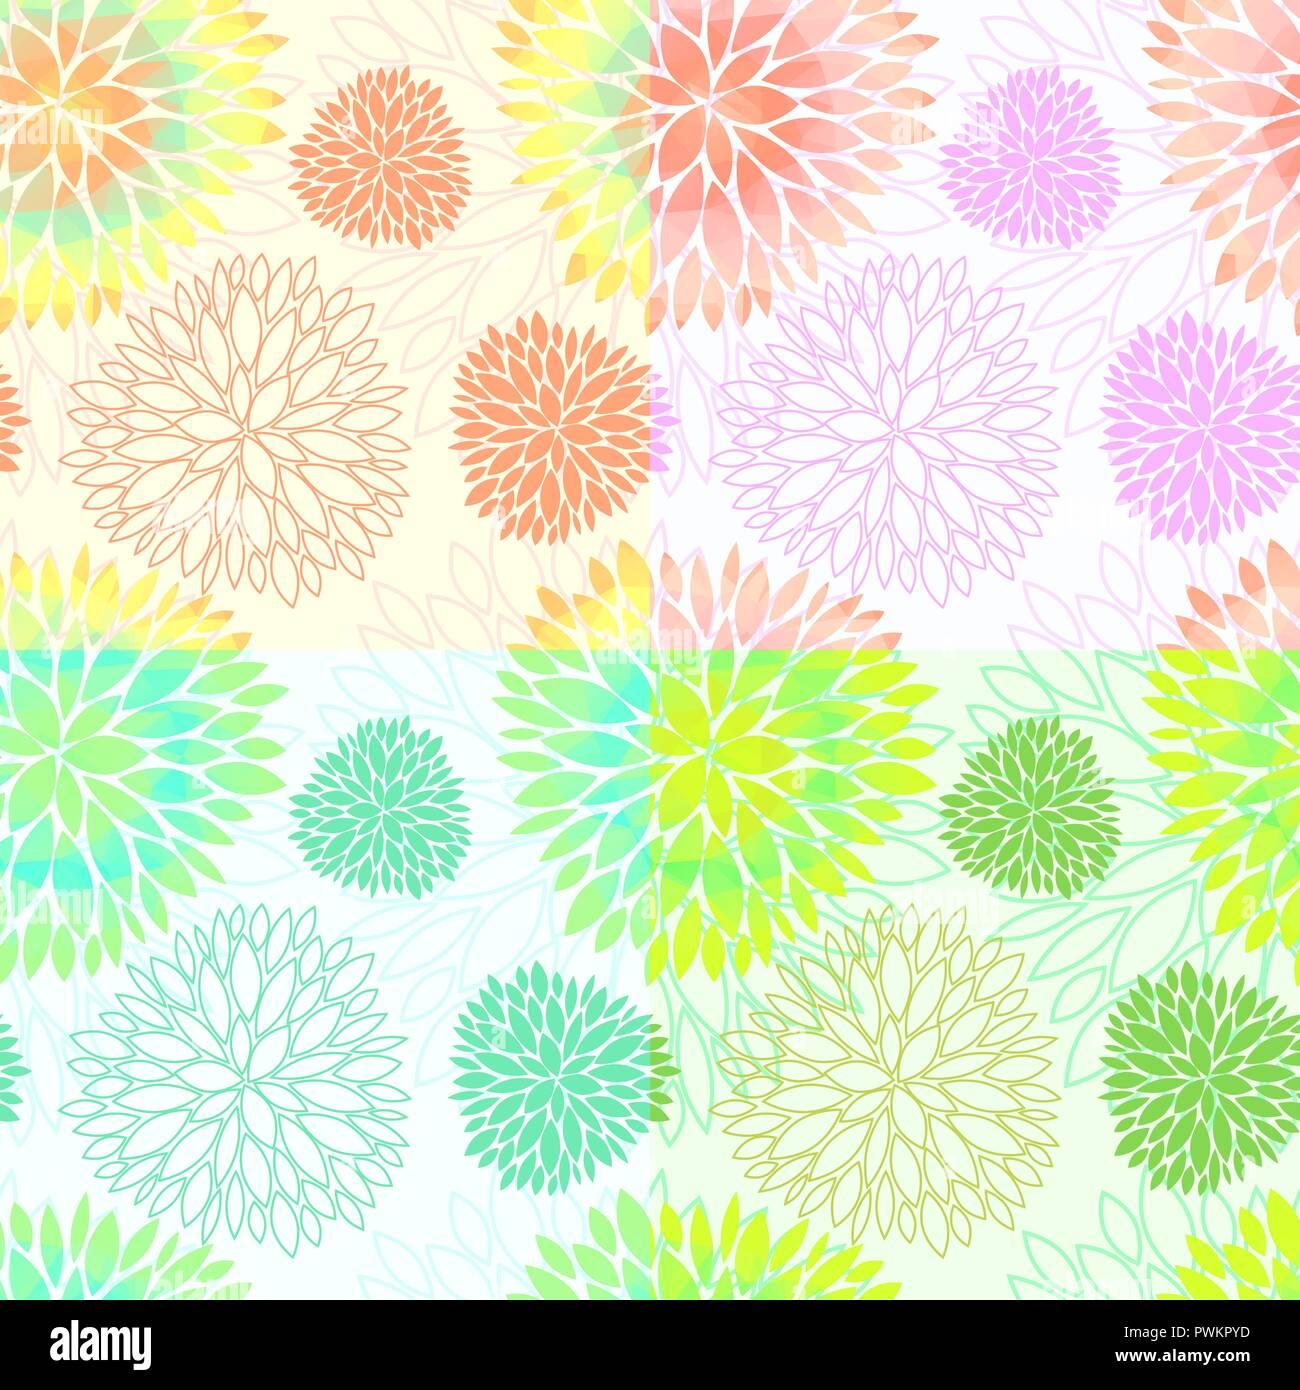 Conjunto De 4 Seamless Vector Floral Abstracto Antecedentes En Luz Y